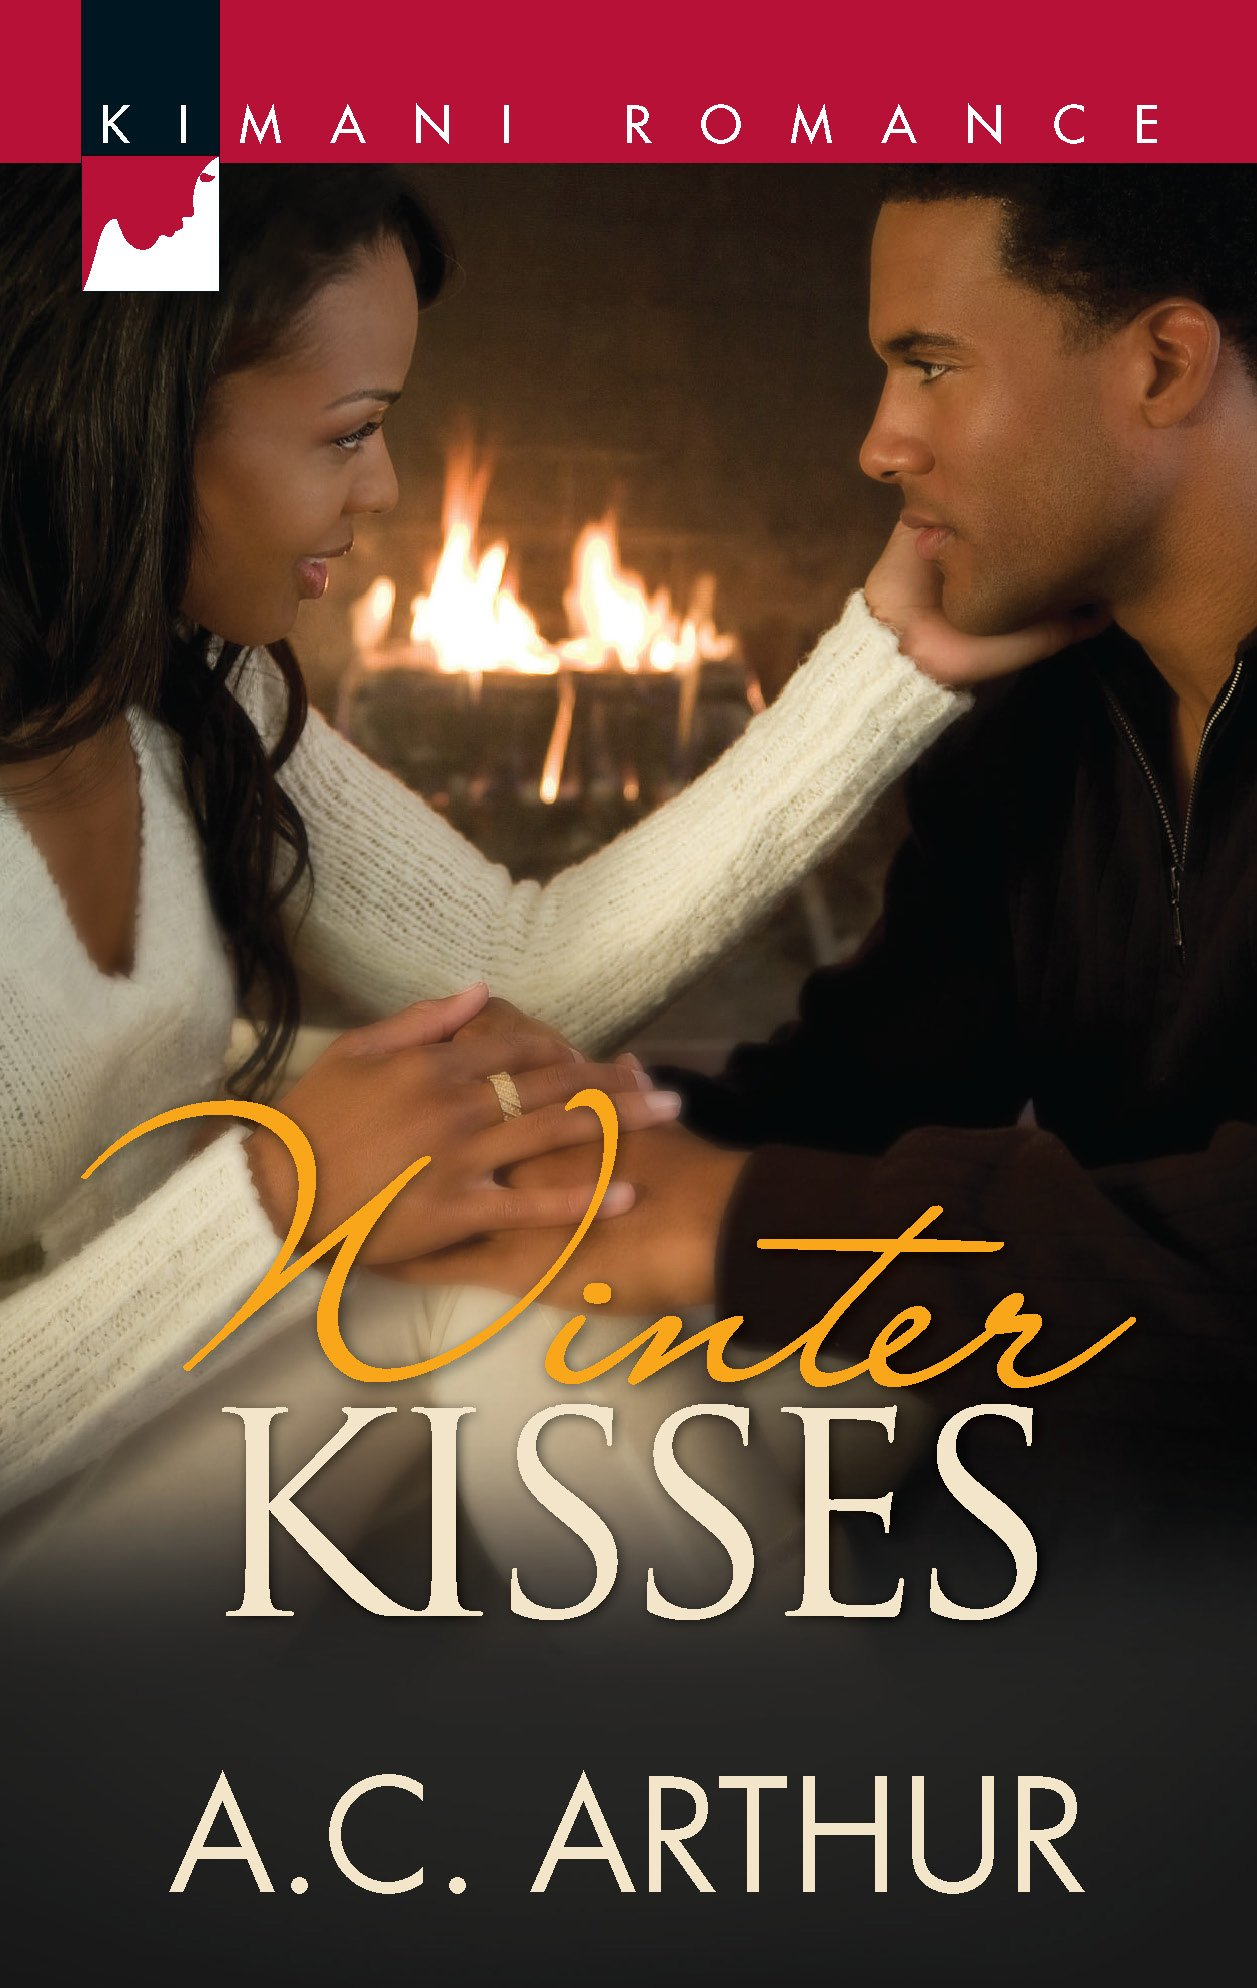 Amazon.com: Winter Kisses (Kimani Romance) (9780373862375): A.C. Arthur:  Books